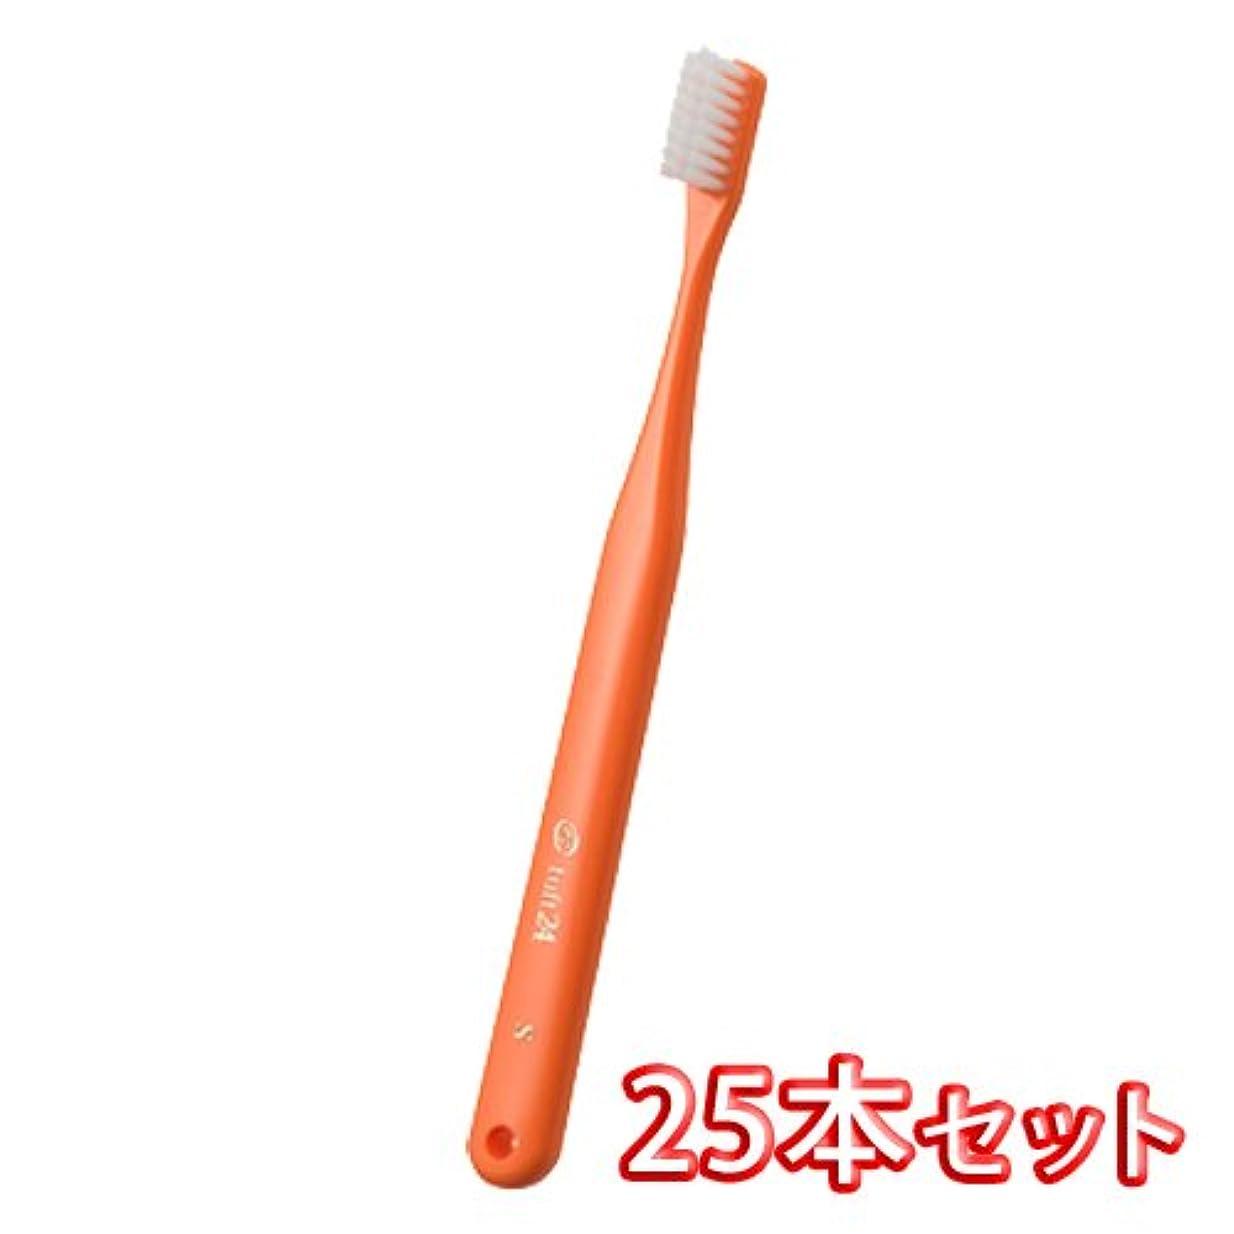 宇宙船不適白鳥オーラルケア キャップ付き タフト 24 歯ブラシ 25本入 ミディアムソフト MS (オレンジ)